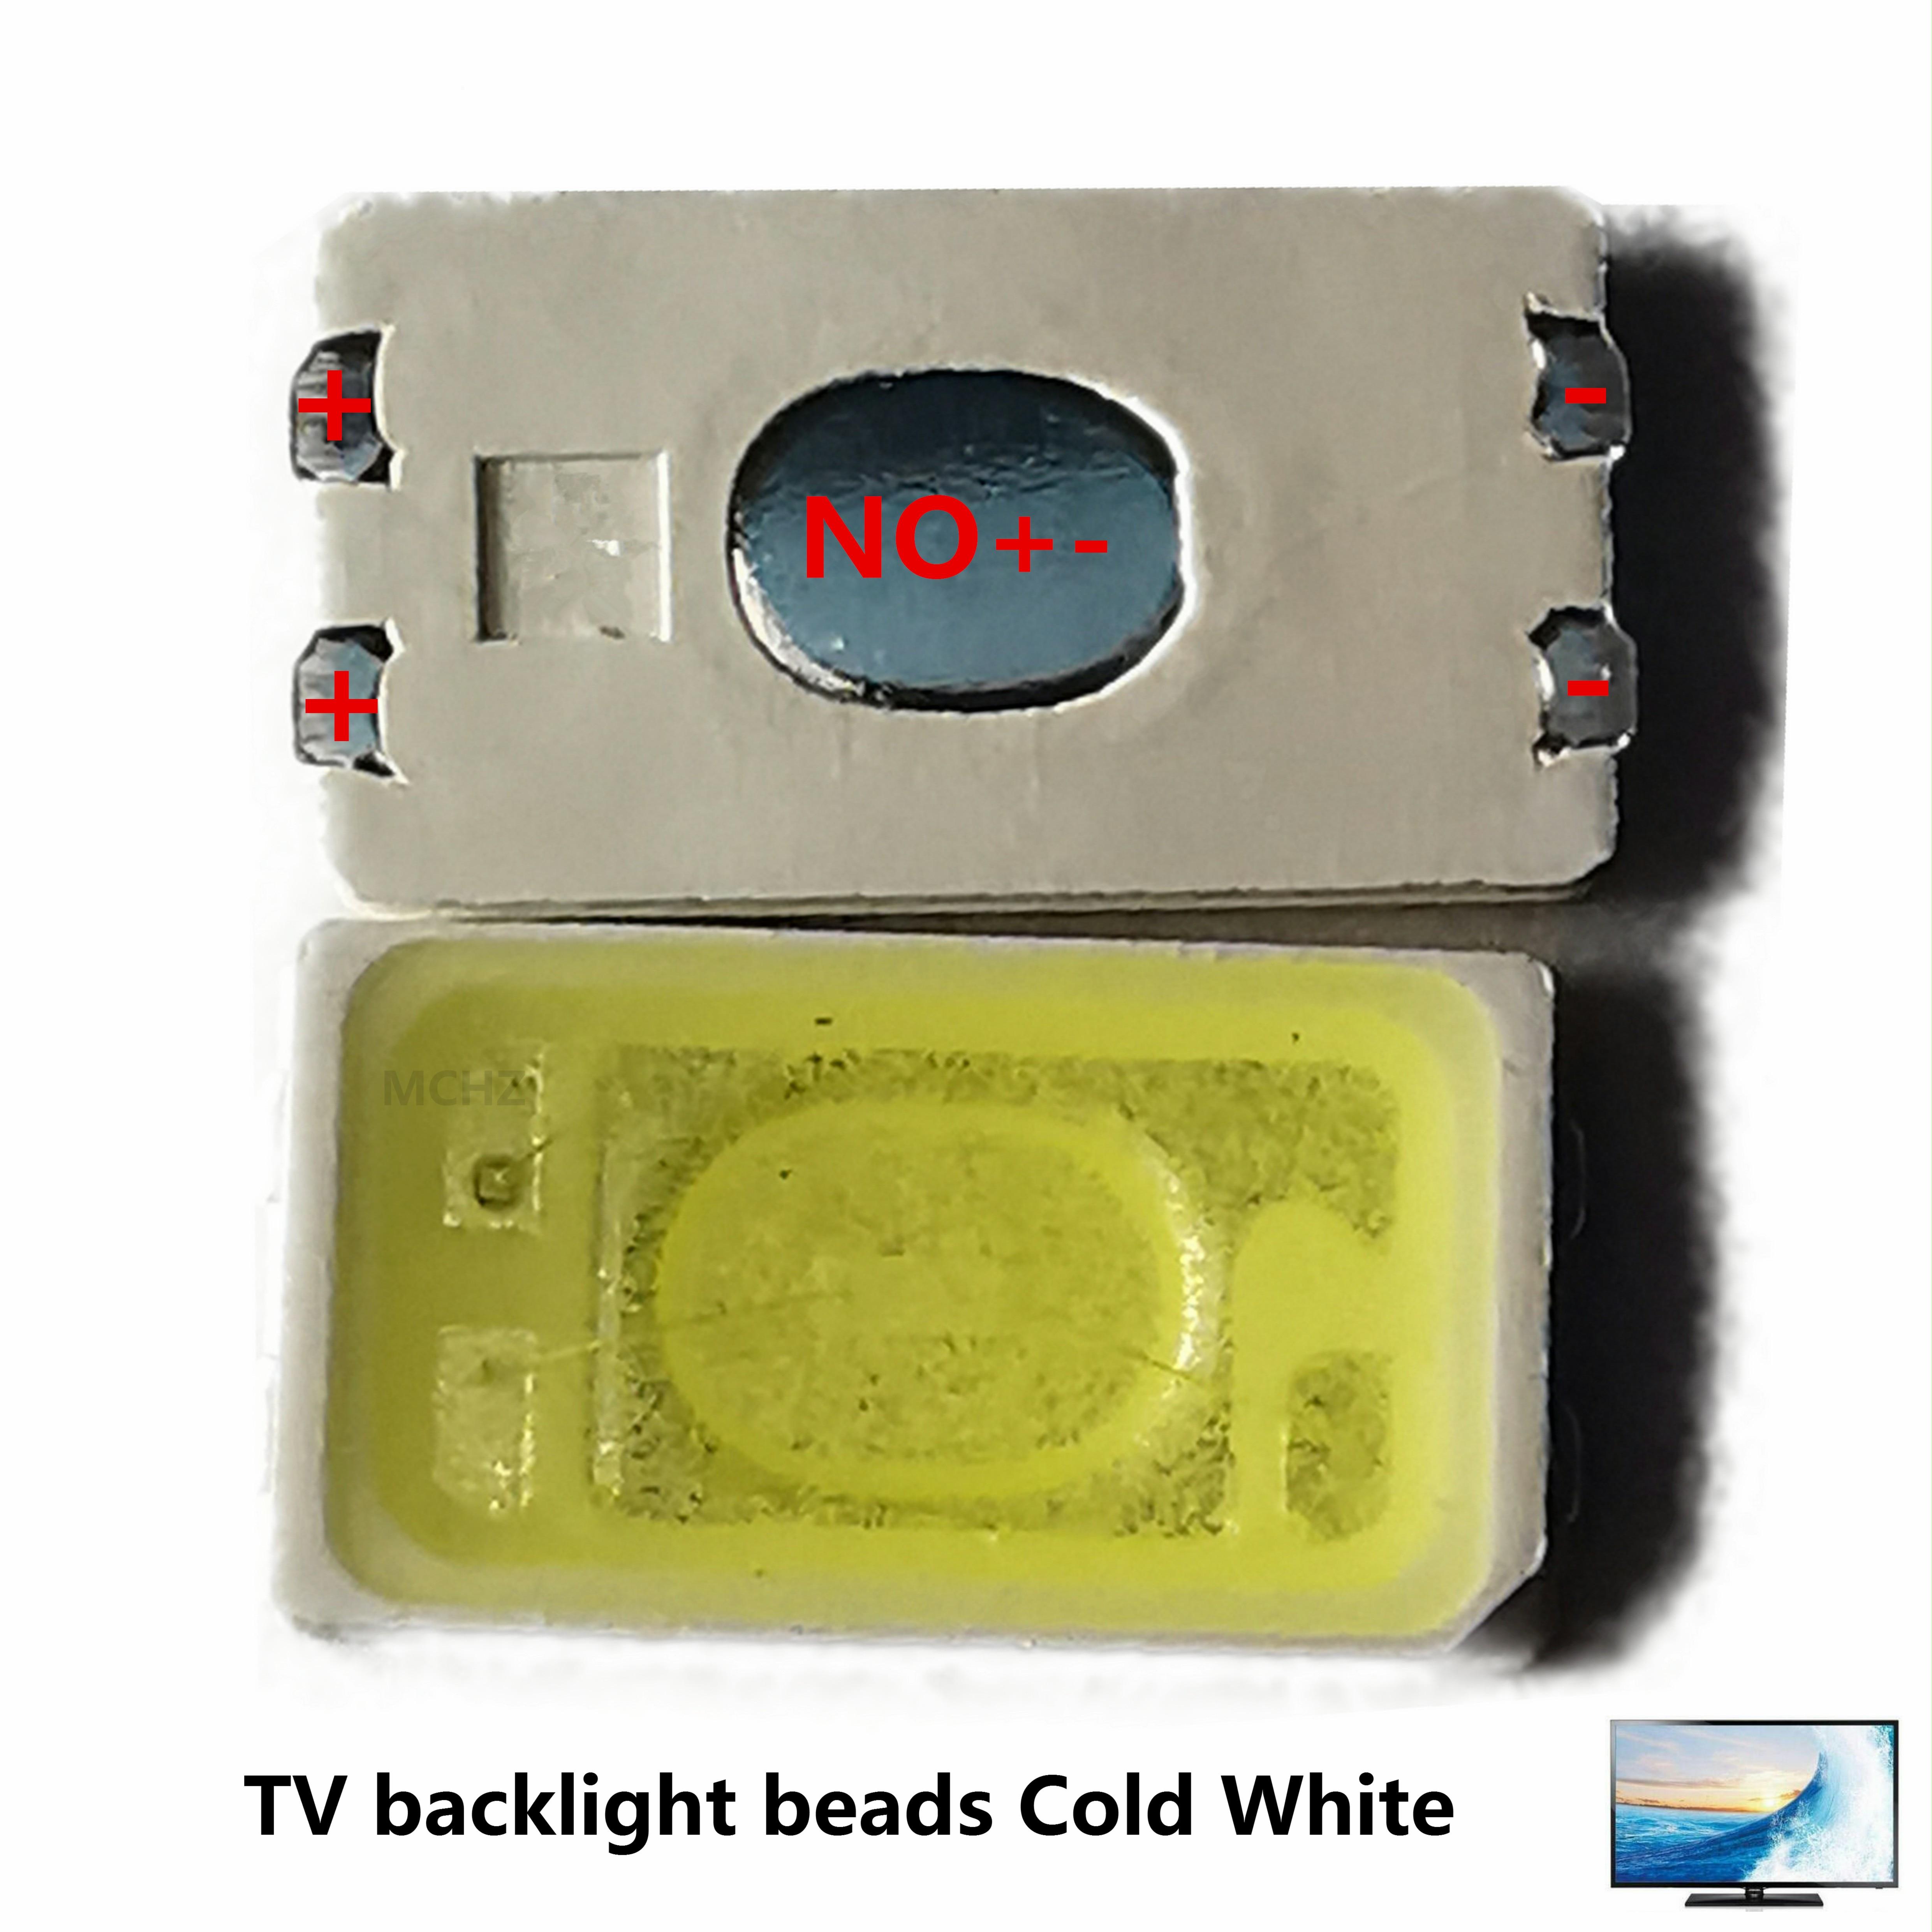 1000pcs 5630 TV backlight LED Backlight 0.5W 3v 5630 FOR Replace SAMSUNG osram Cool white LCD Backlight for TV TV Application enlarge